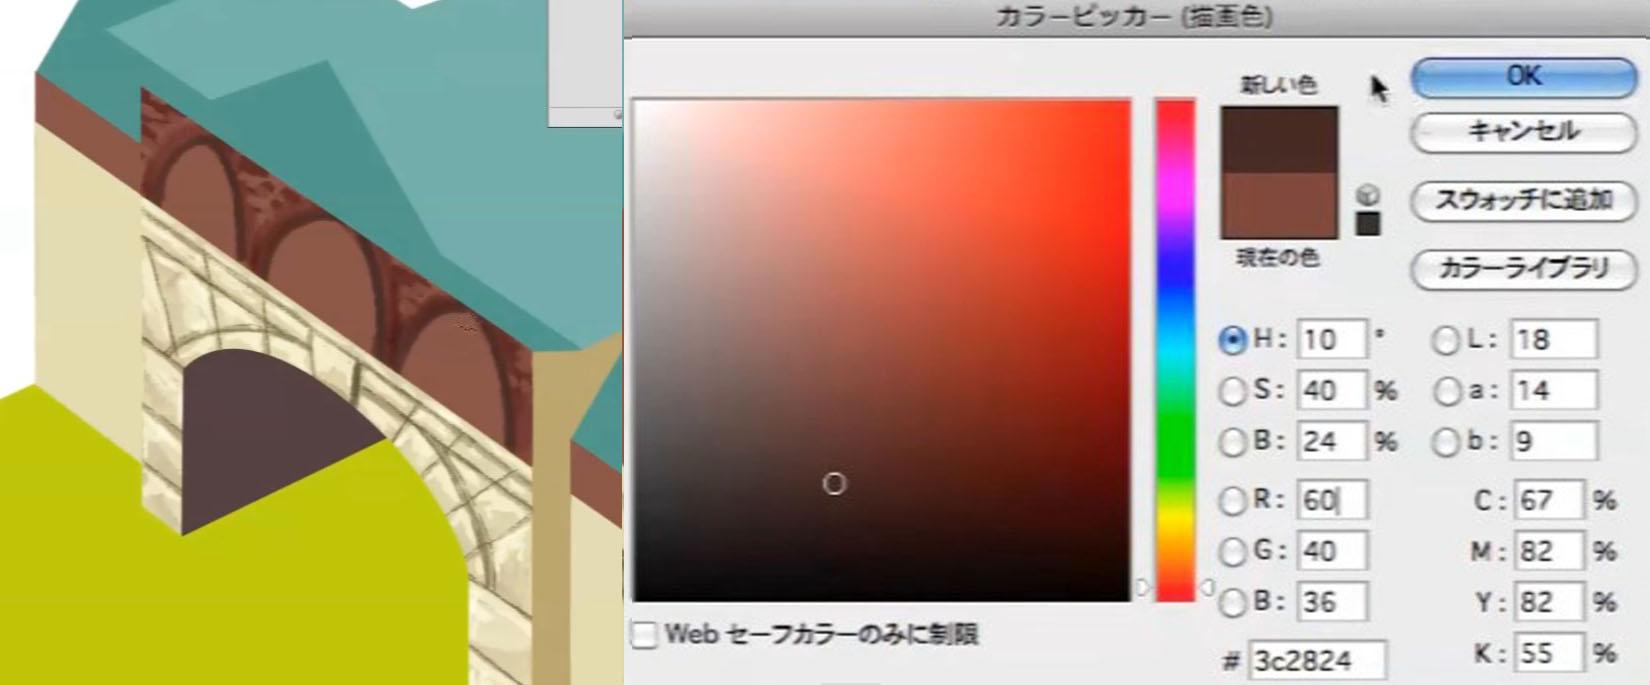 より暗い色でアーチ部分の影を塗ります